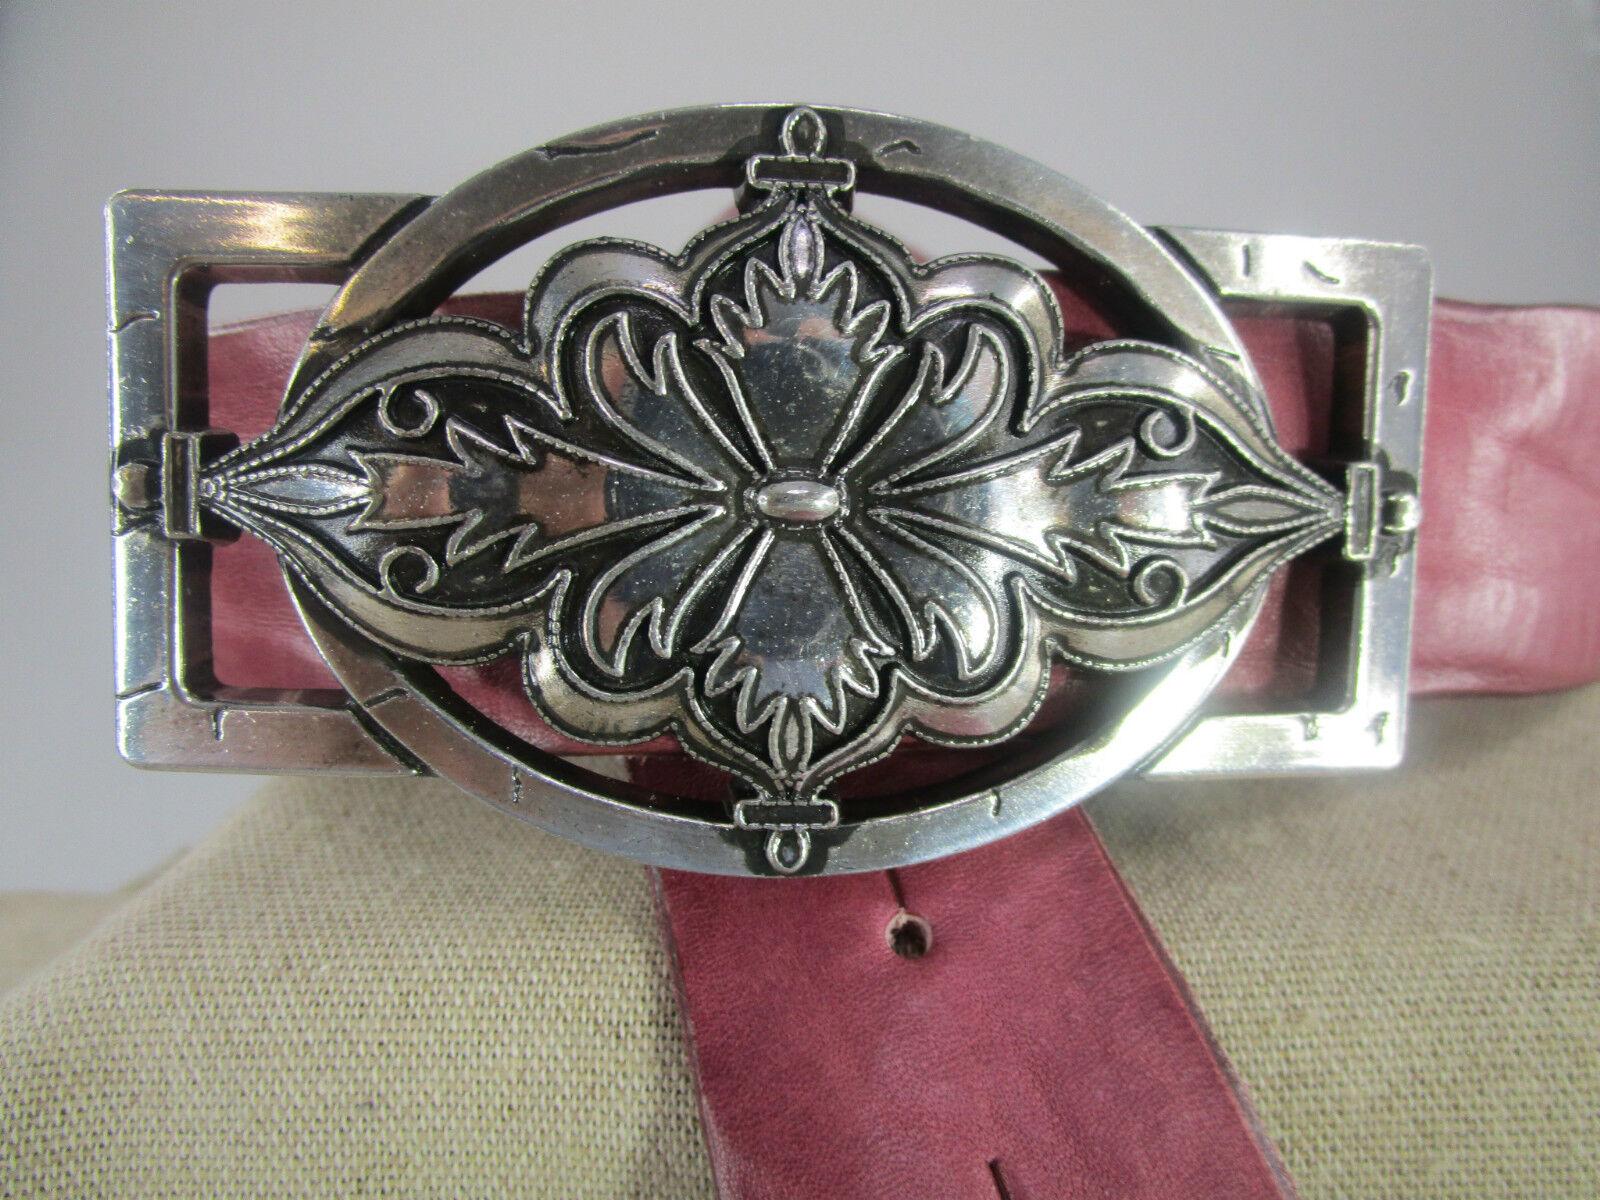 Original Reptile's House Belt Buckle New Interchangable Clasp RHSL-01